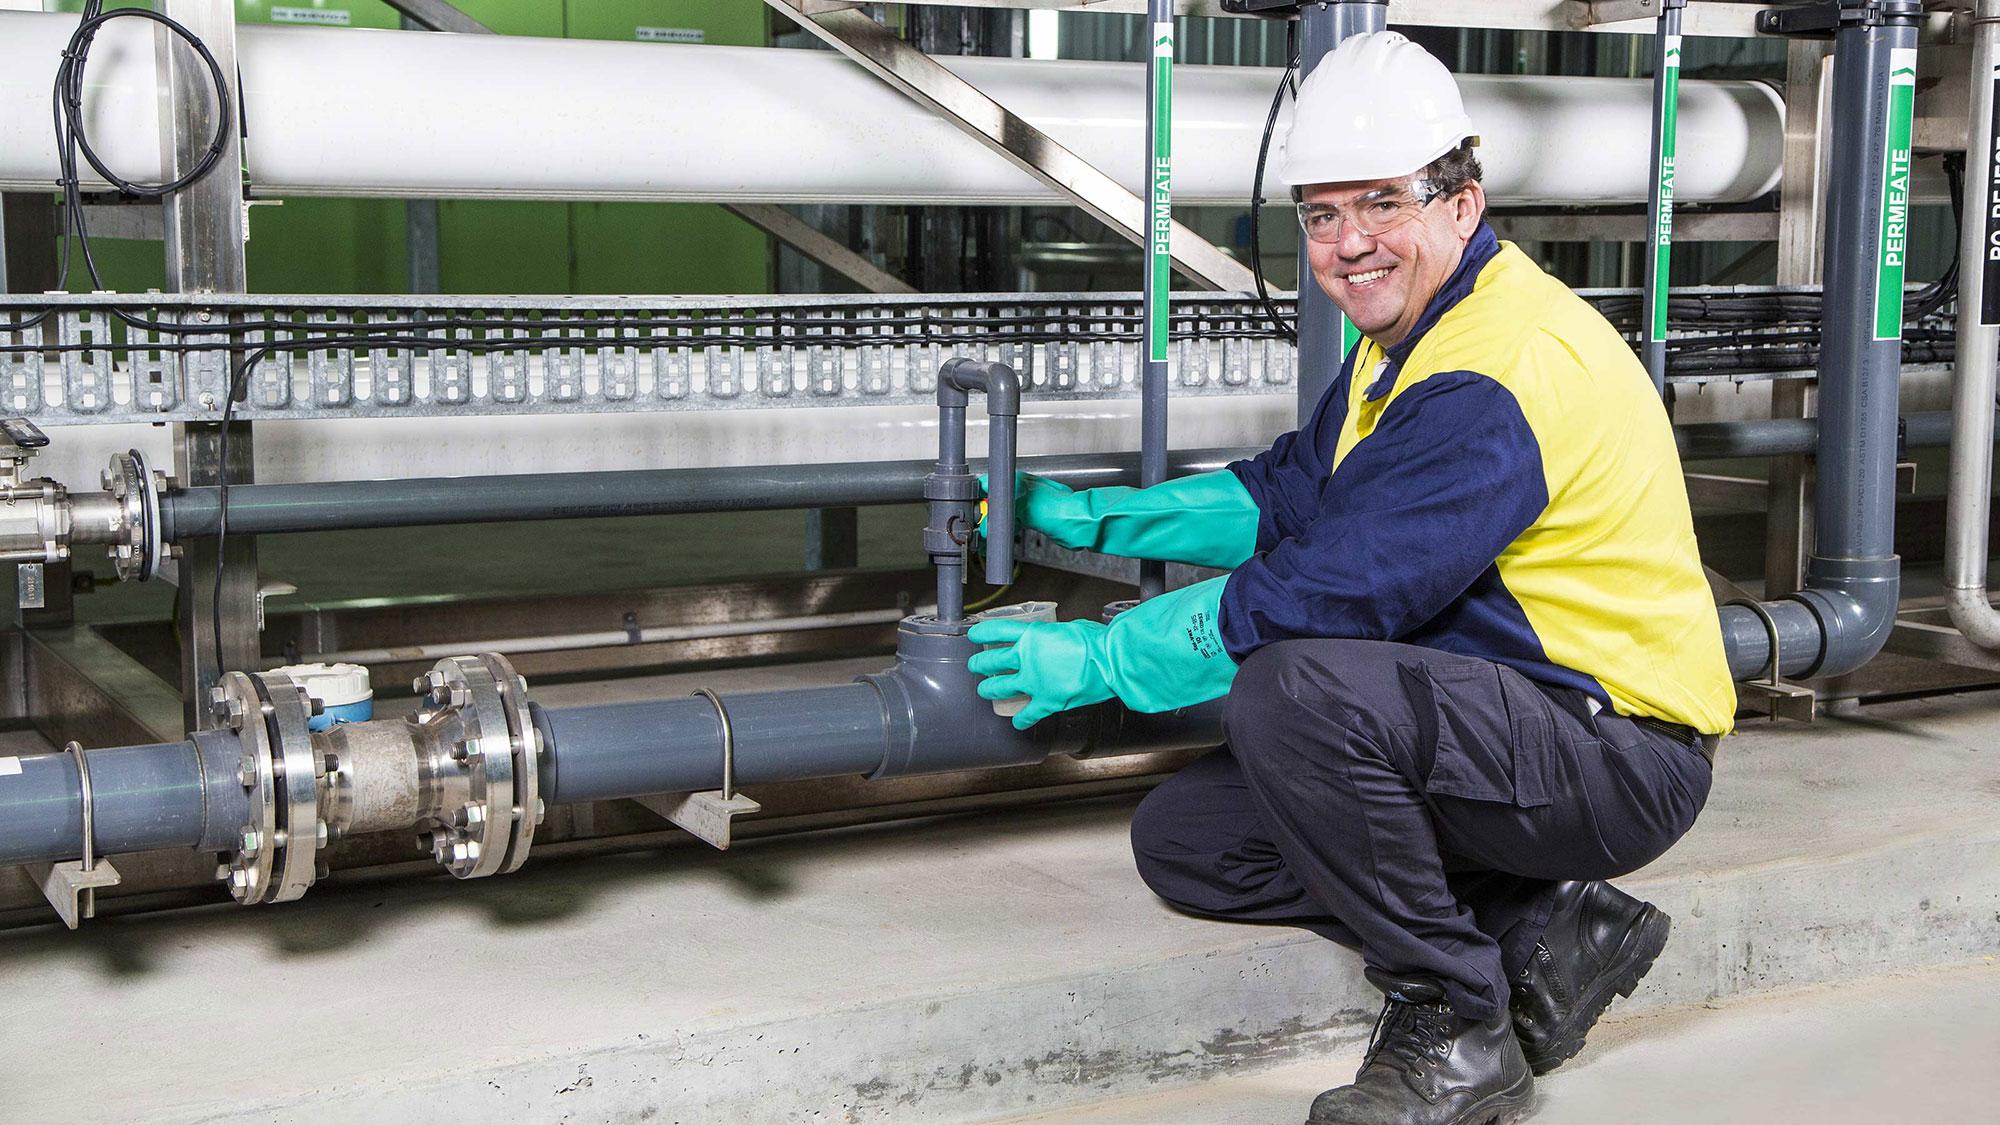 Delta Electricity Australia opérateur des équipements